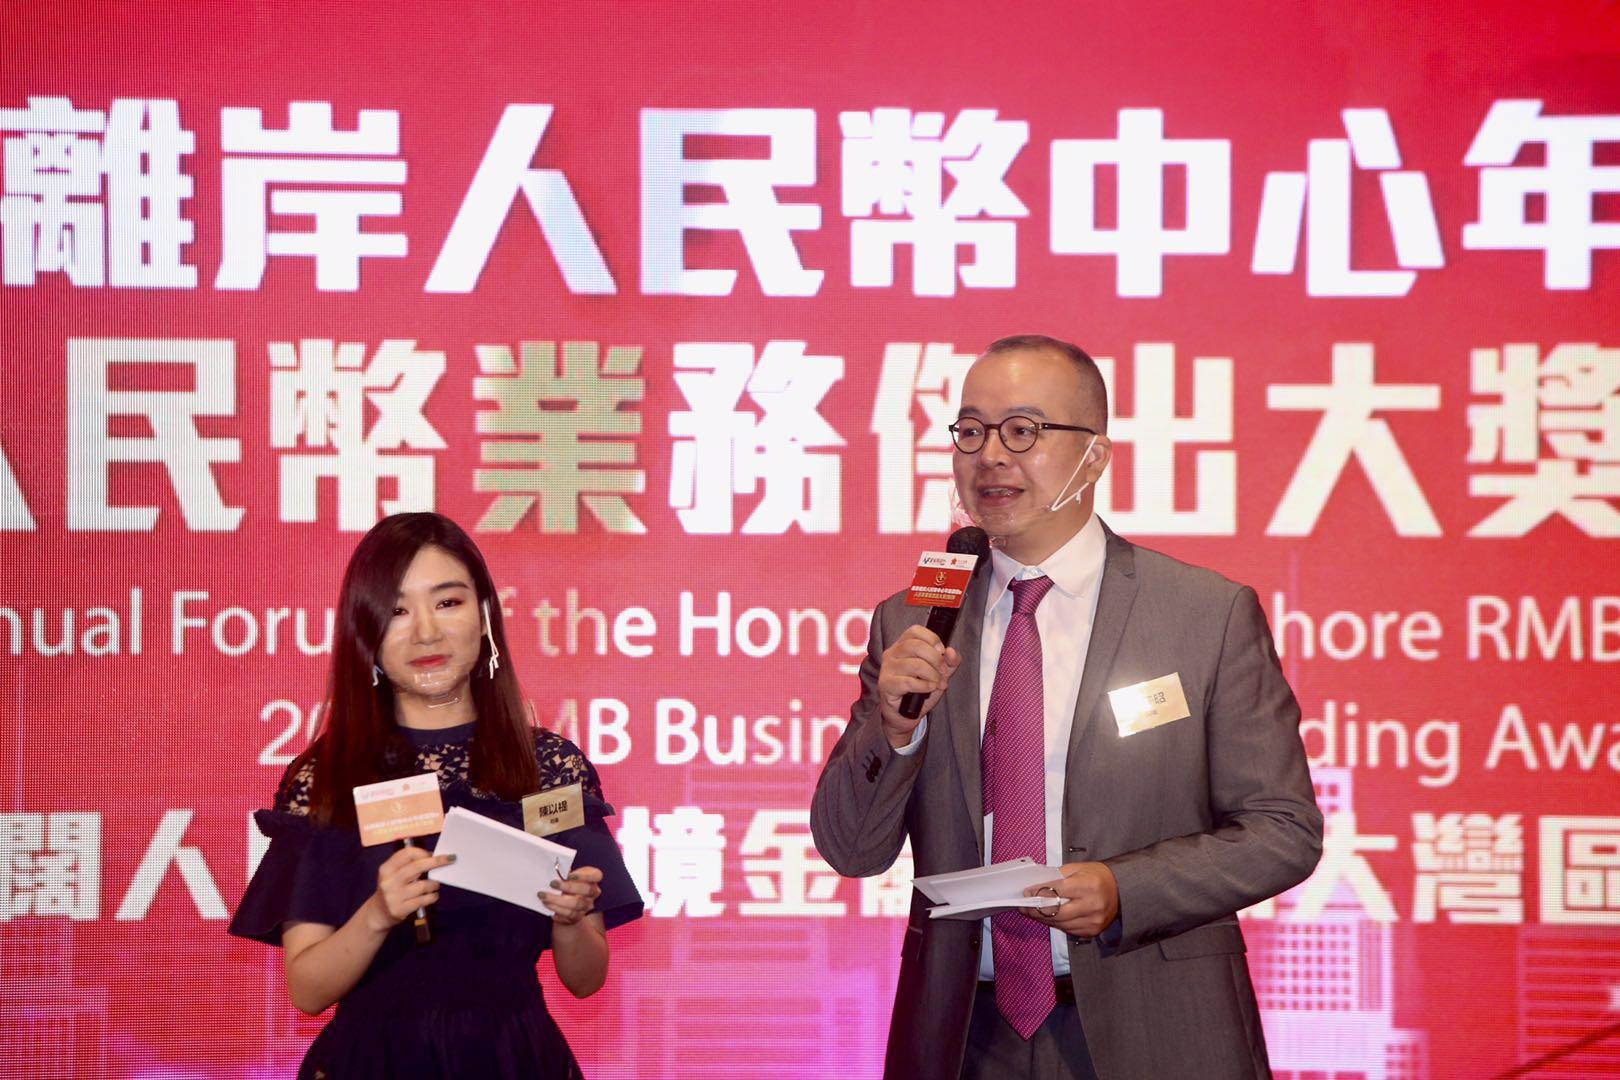 由香港大公文匯傳媒集團及新城財經台合辦的「香港離岸人民幣中心年度論壇暨人民幣業務傑出大獎2020」及「灣區企業可持續發展大獎2020」,8日下午在灣仔會展舉行。(大公報記者 攝)